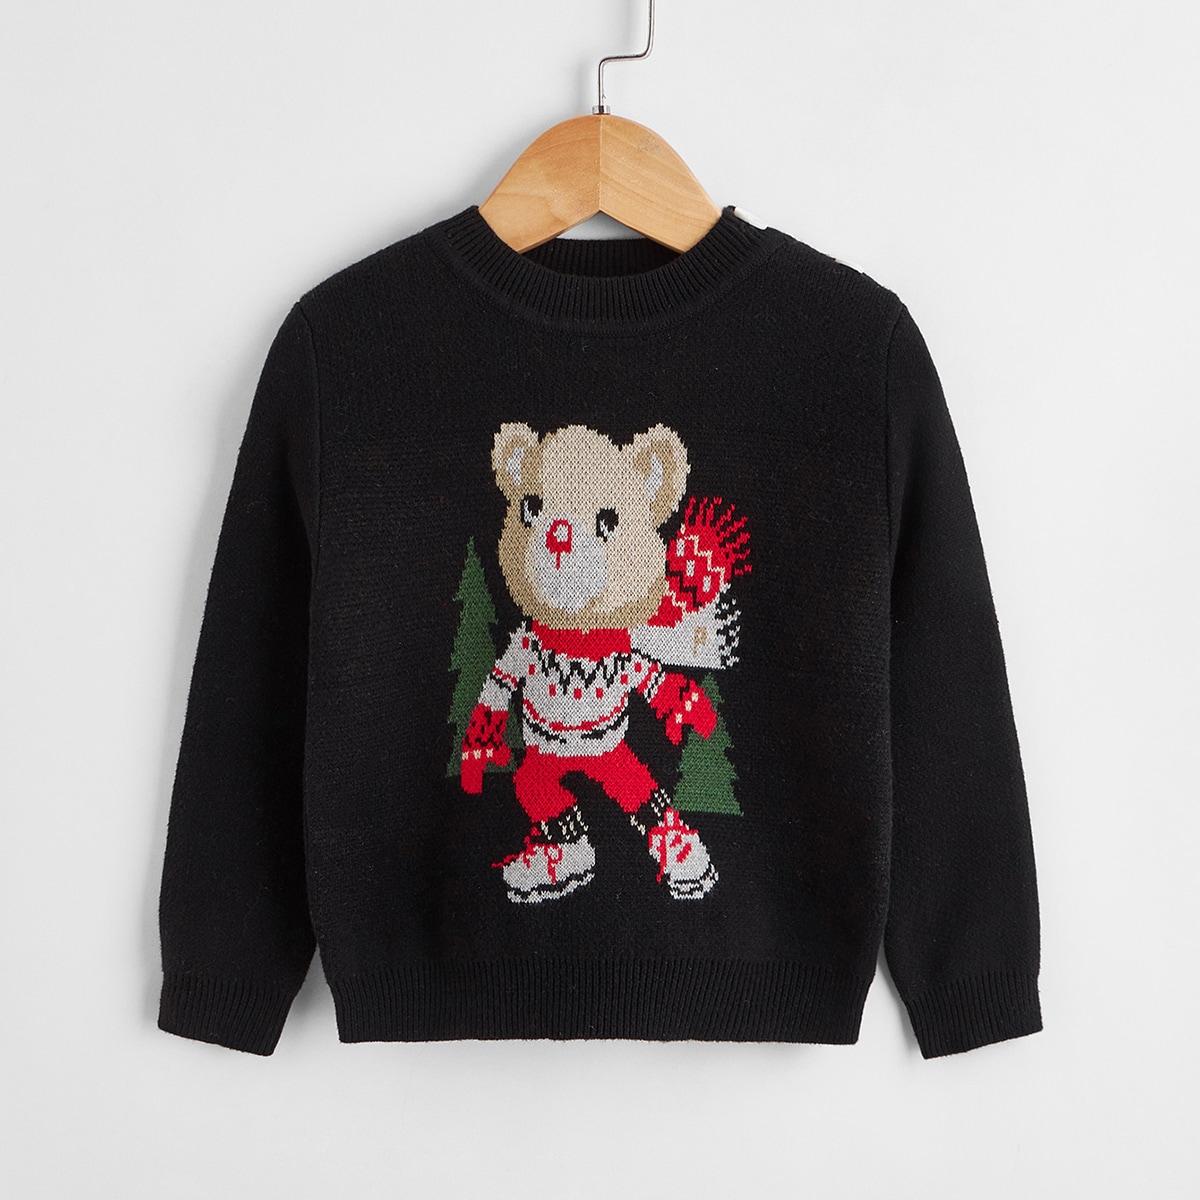 Мультяшный принт Повседневный Детские свитеры